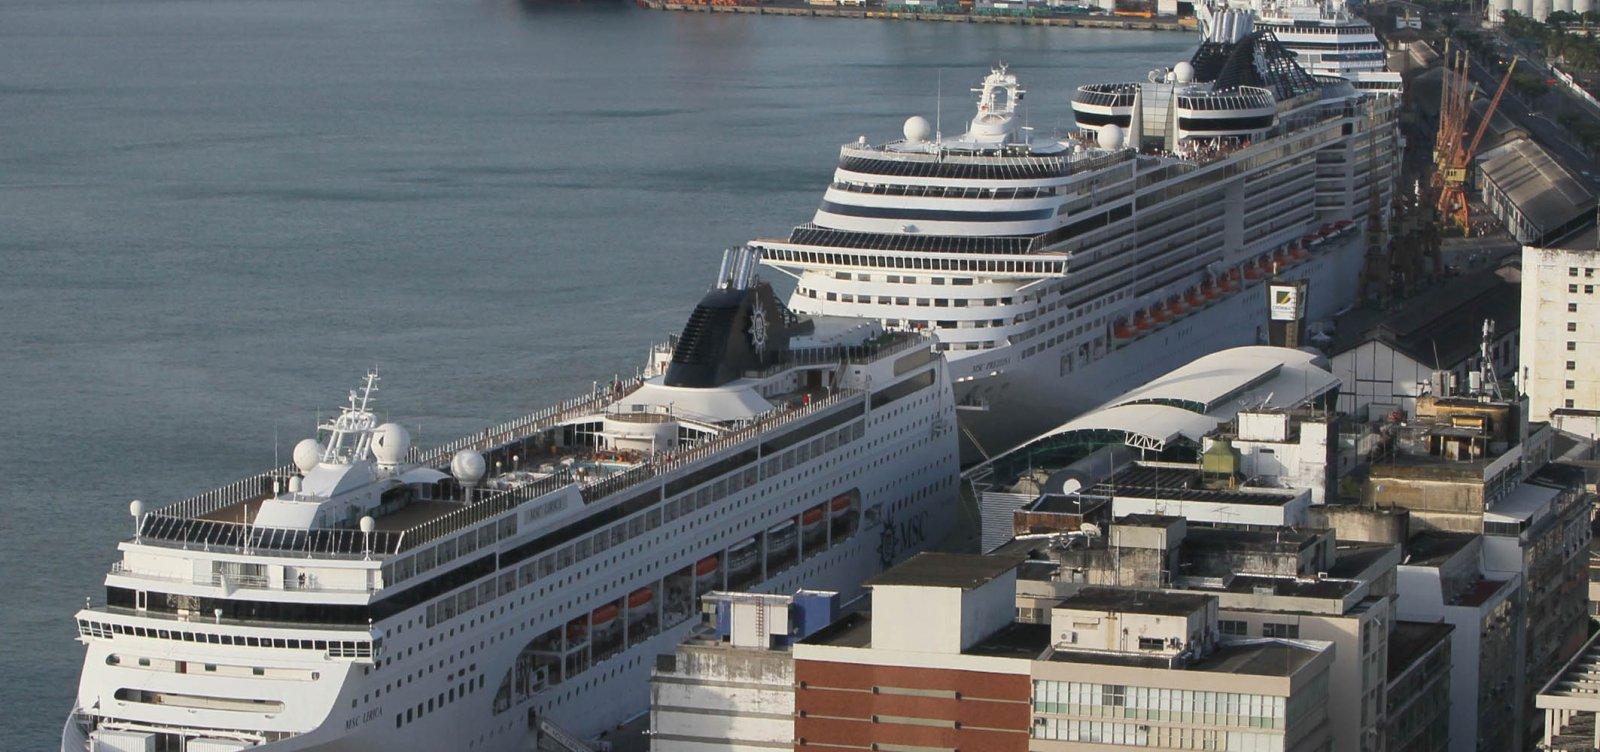 [Coronavírus: Governo suspende atracação de navios de cruzeiros na Bahia]